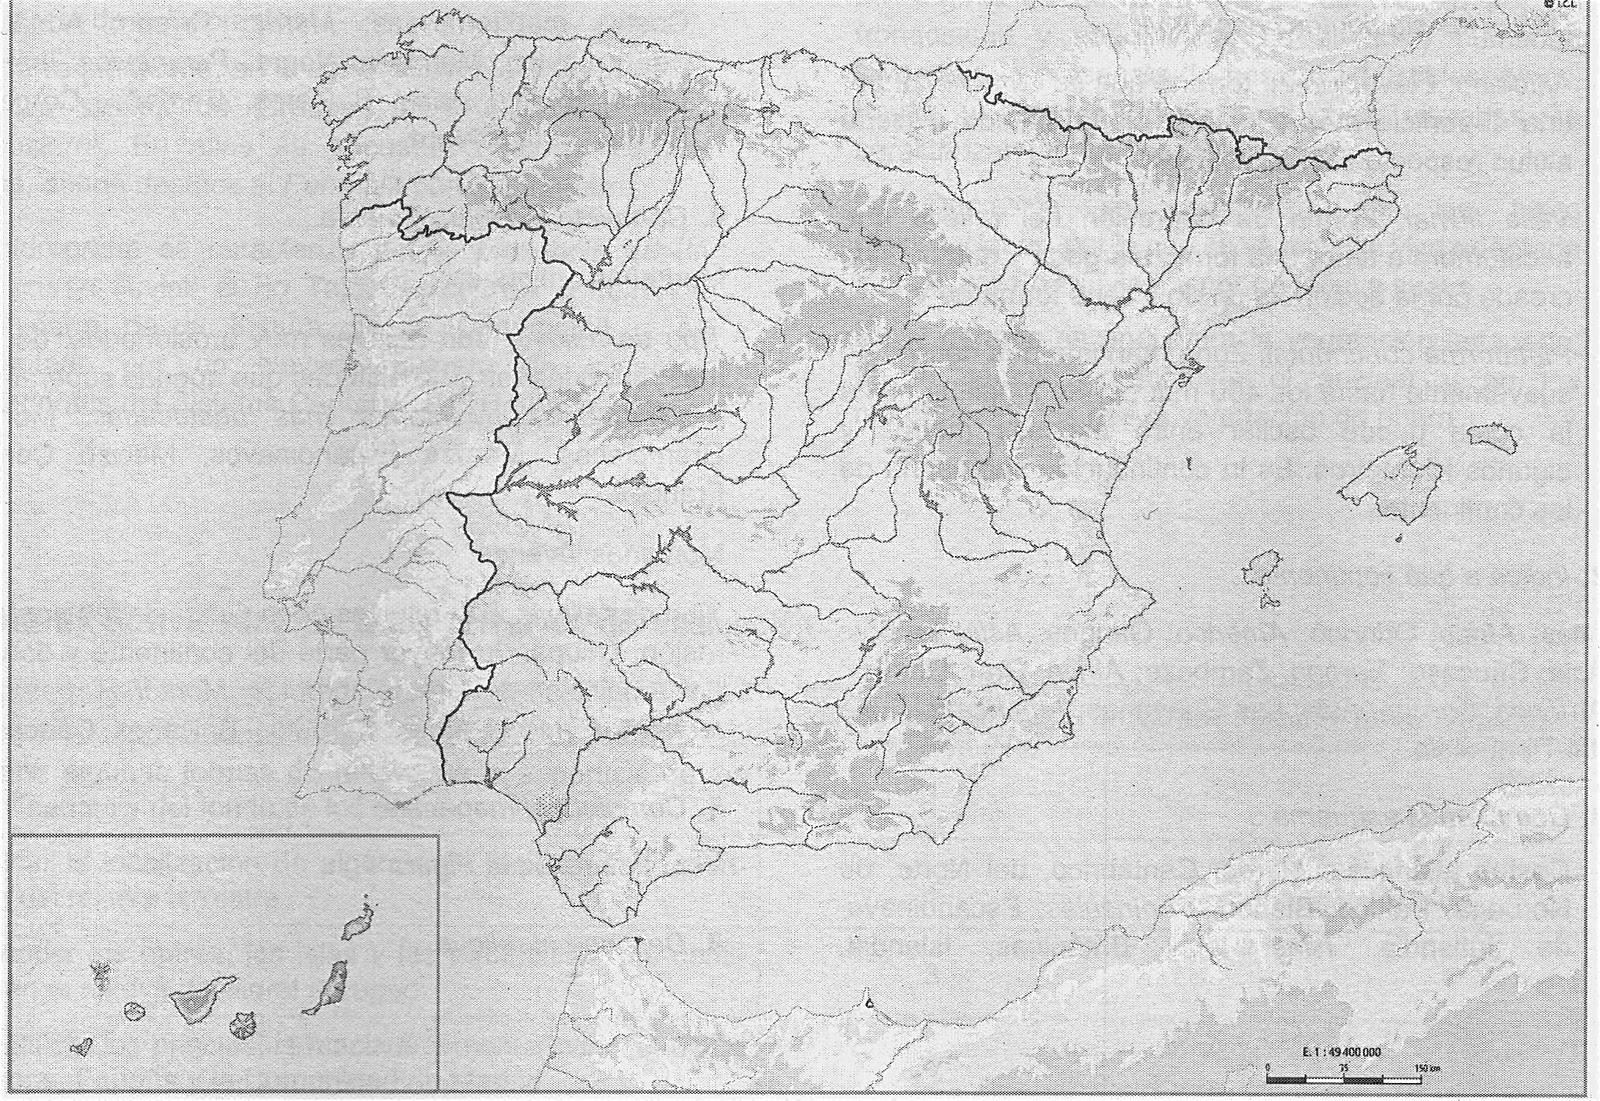 HISTORIA Y ARTE Mapas de Europa y de Espaa para el examen